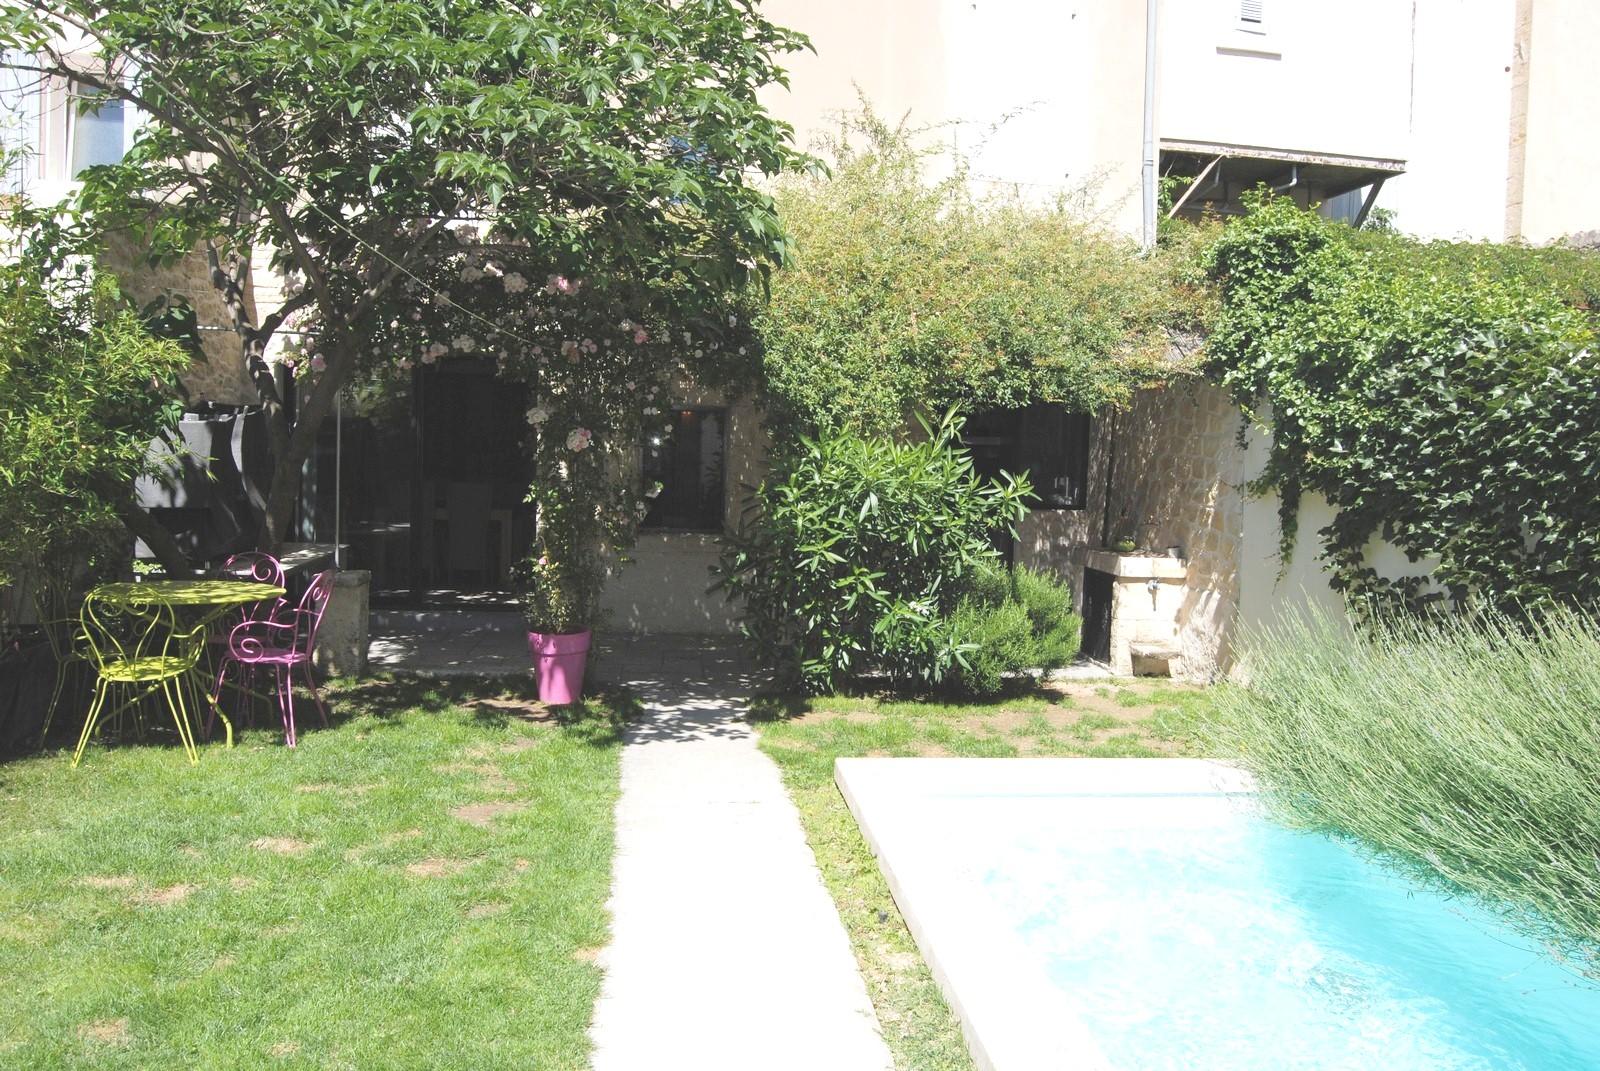 Pertuis maison de village t6 vendre avec jardin piscine garage et cave un t1 de 37 m - Maison jardin public bordeaux vendre tours ...